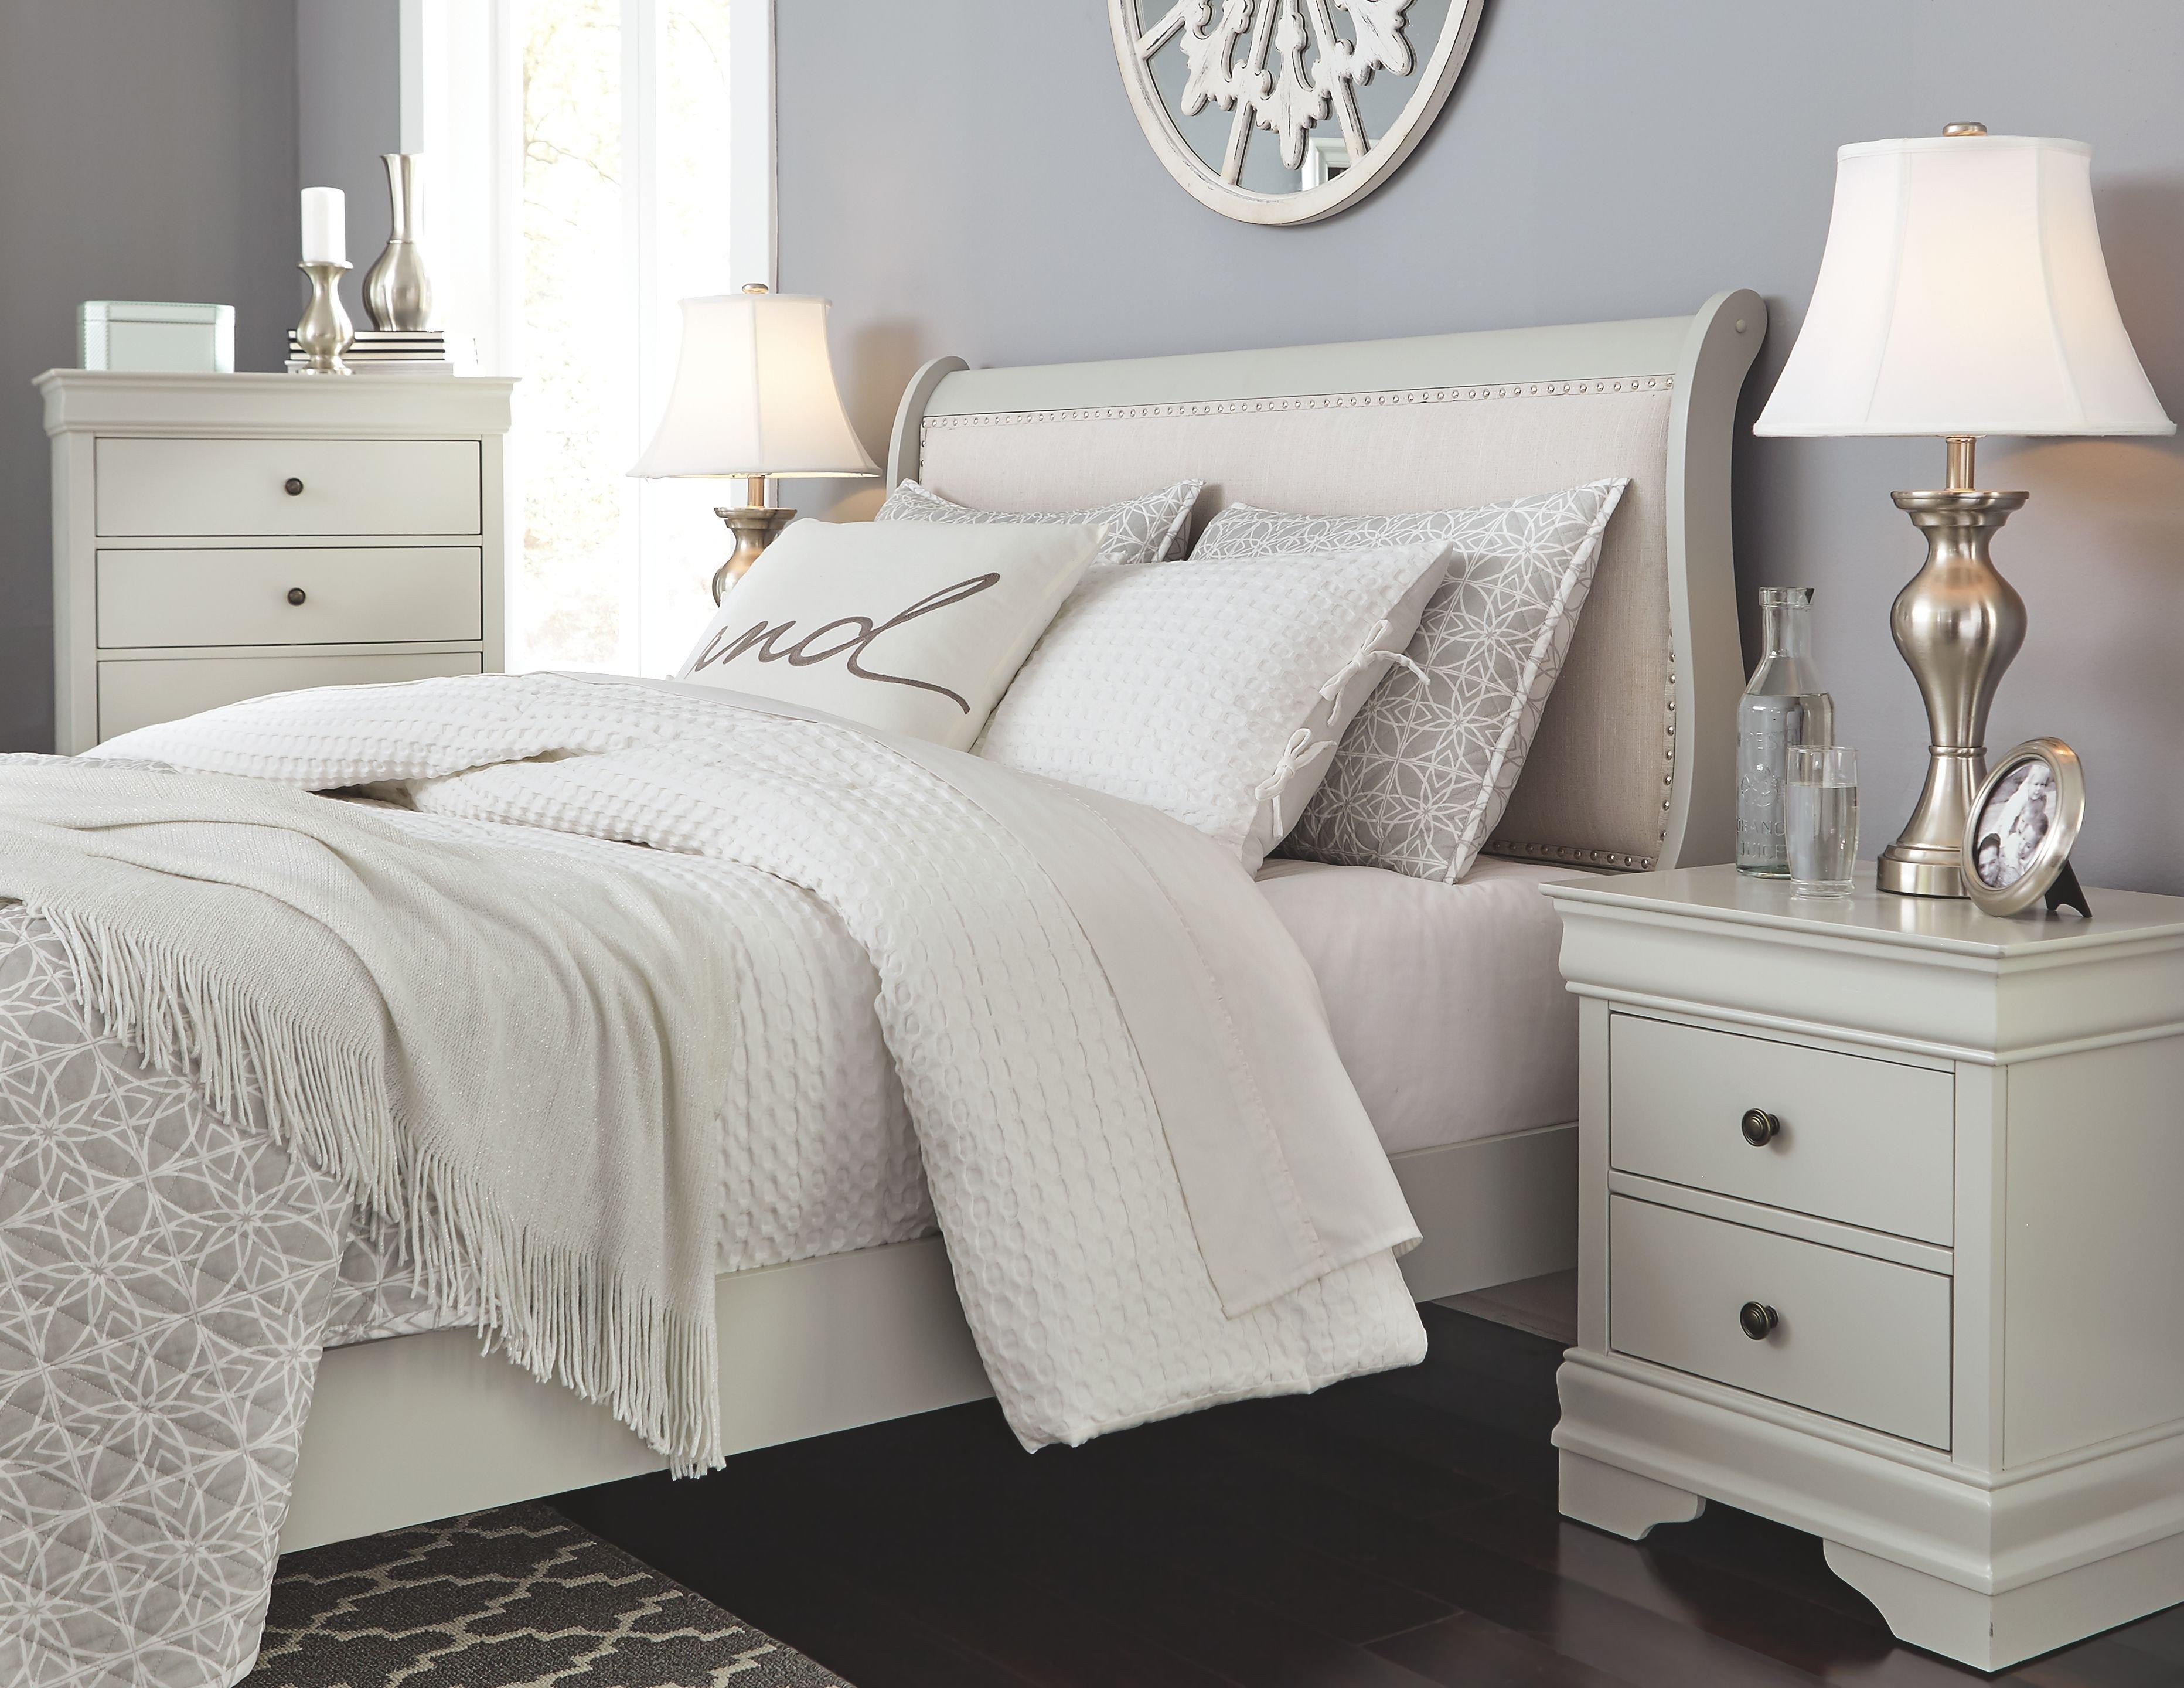 Leather Headboard Bedroom Set Luxury Jorstad Full Bed with 2 Nightstands Gray